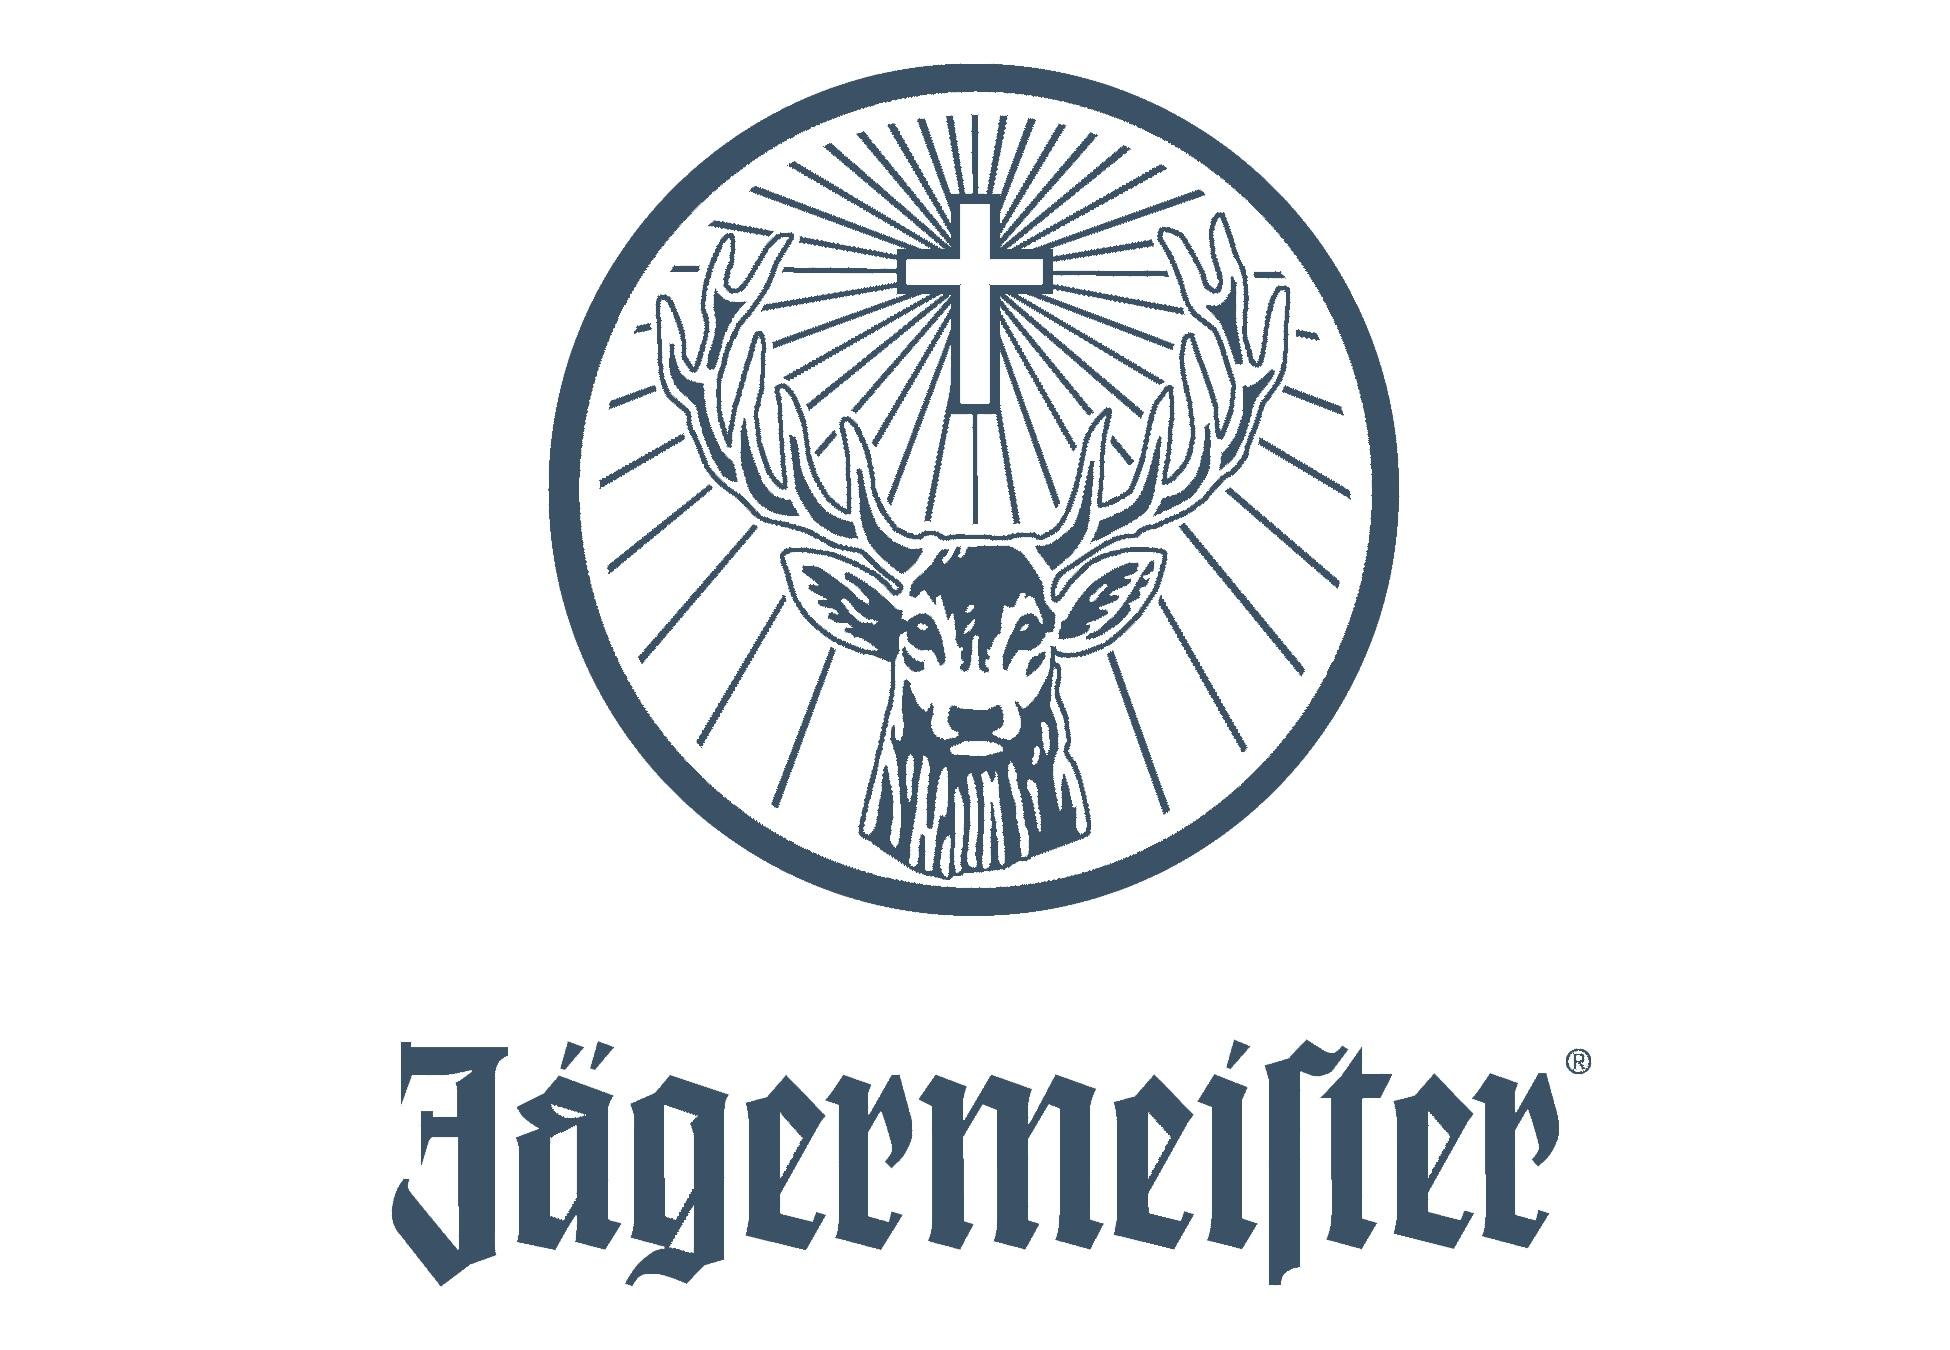 webb-banks-brand-mast-jaegermeister.jpg